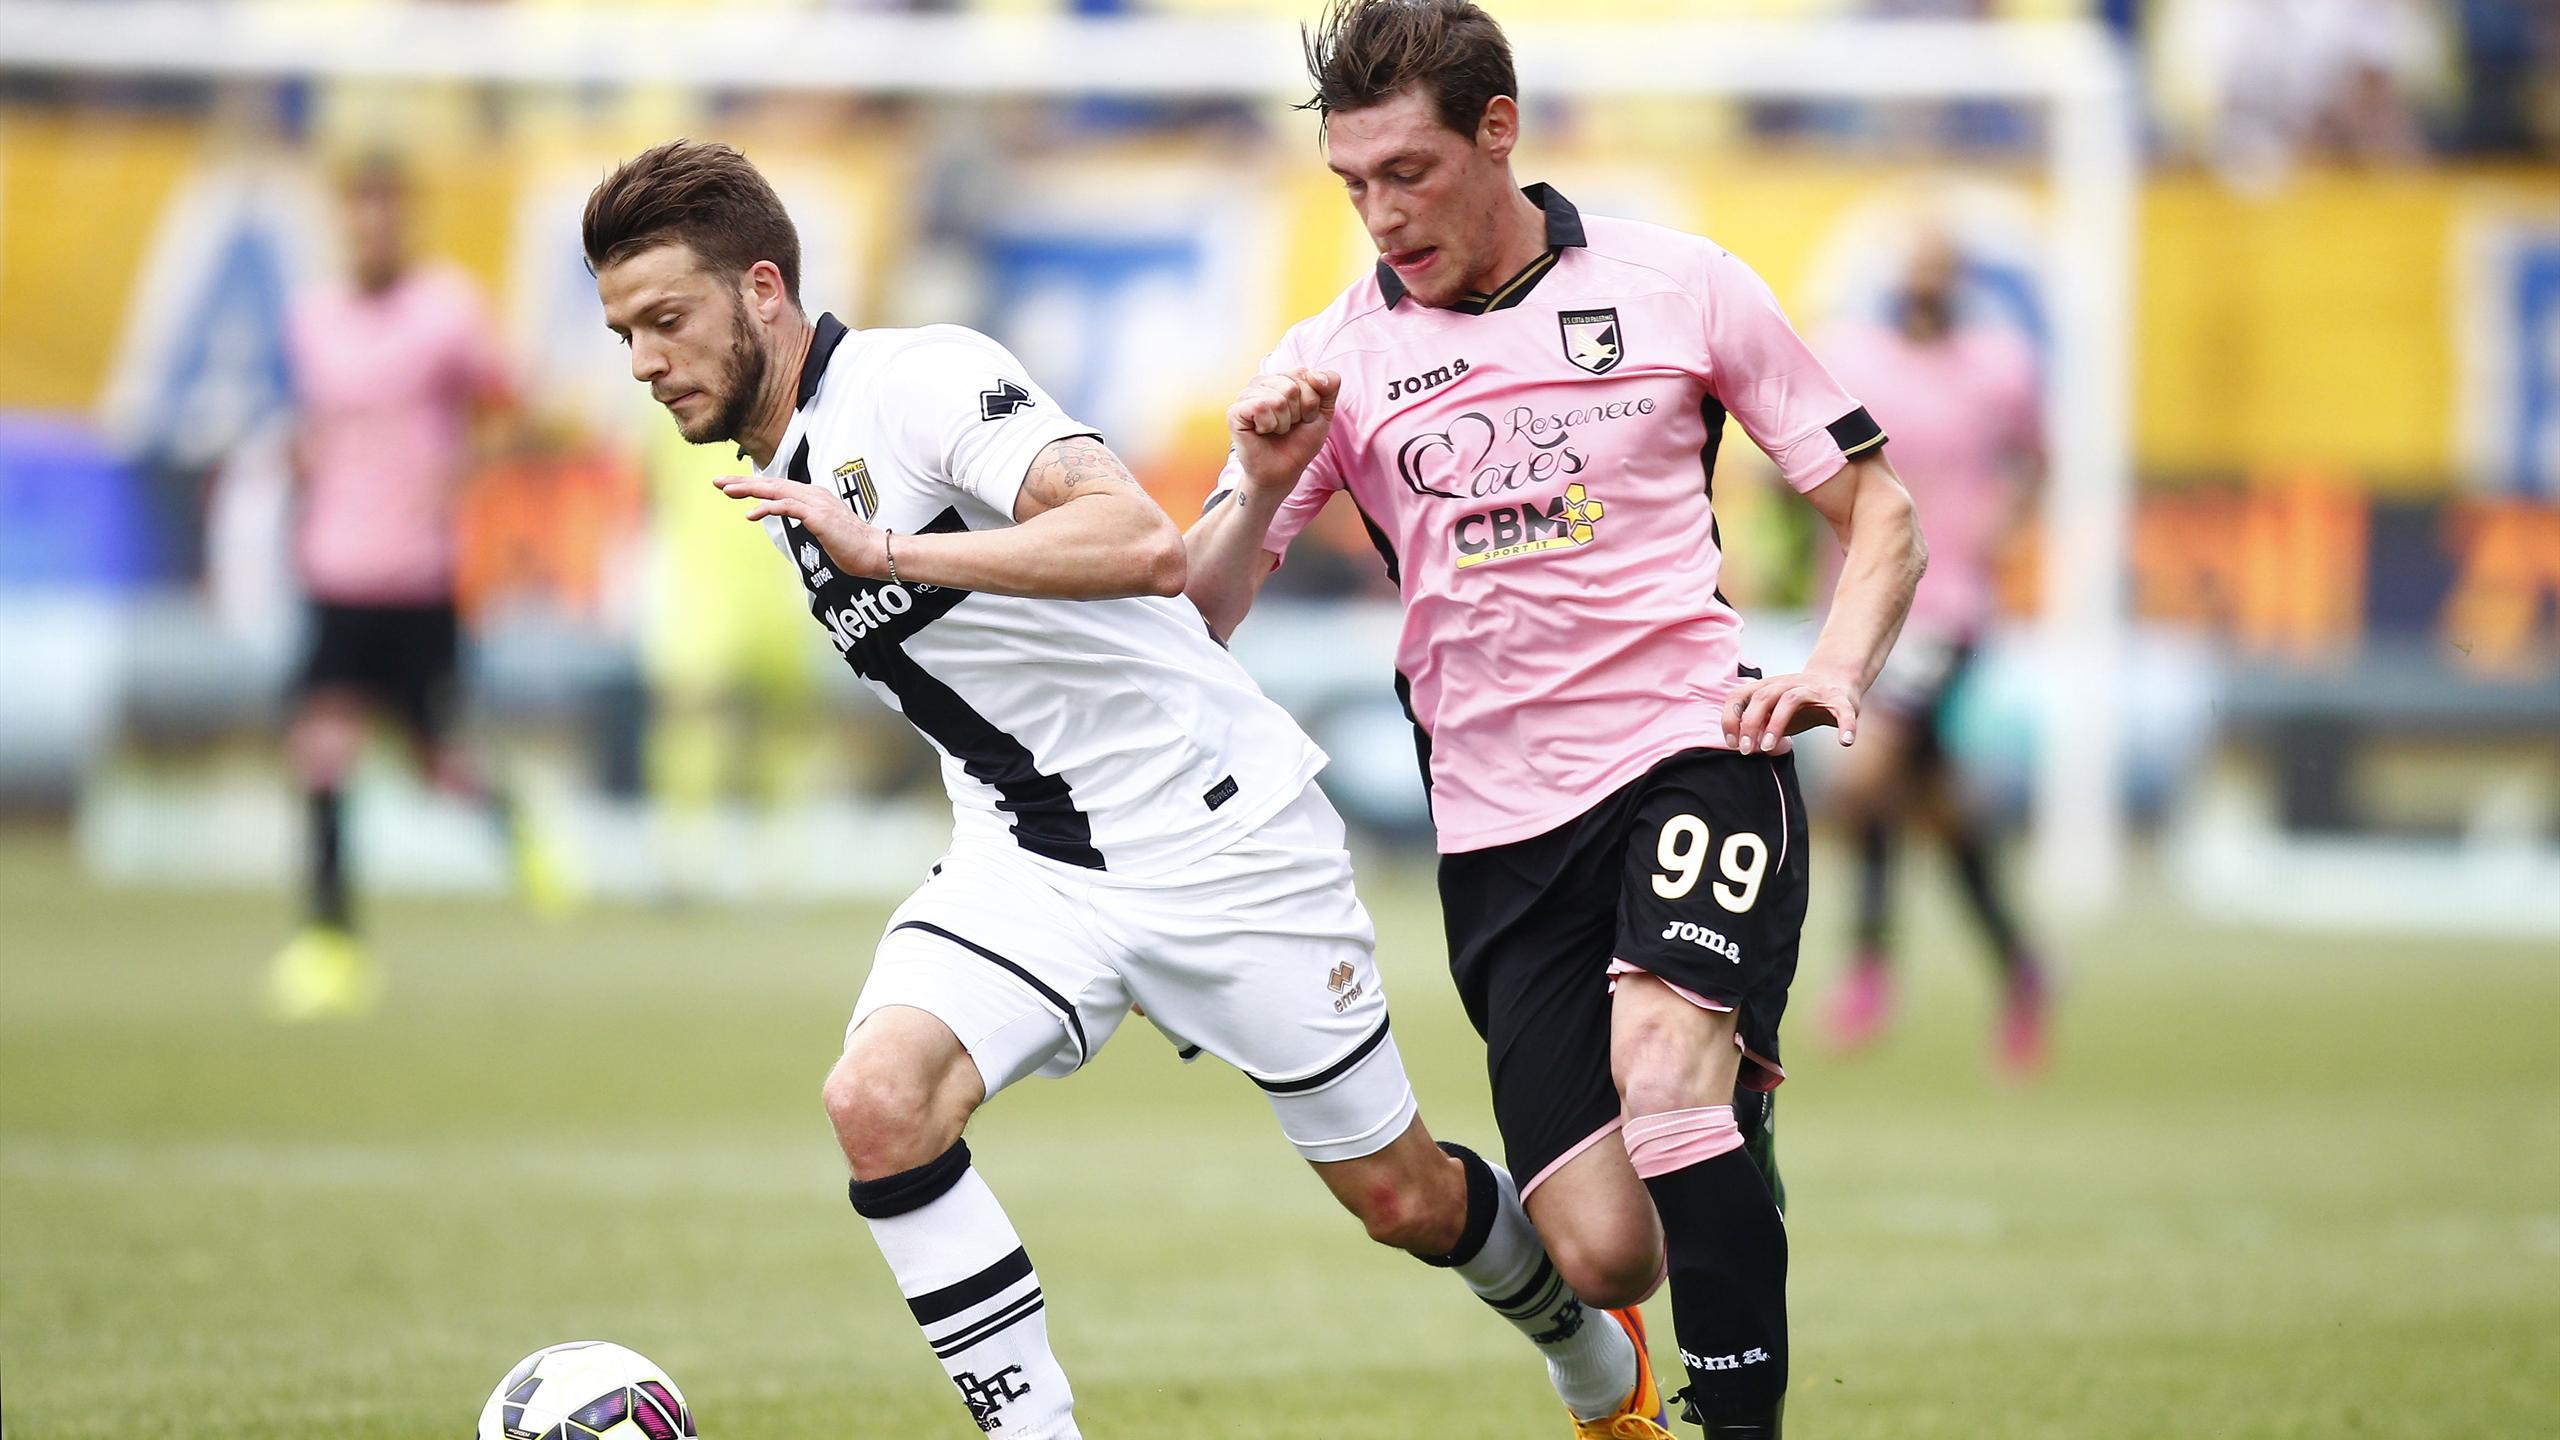 Parma_vs_Palermo